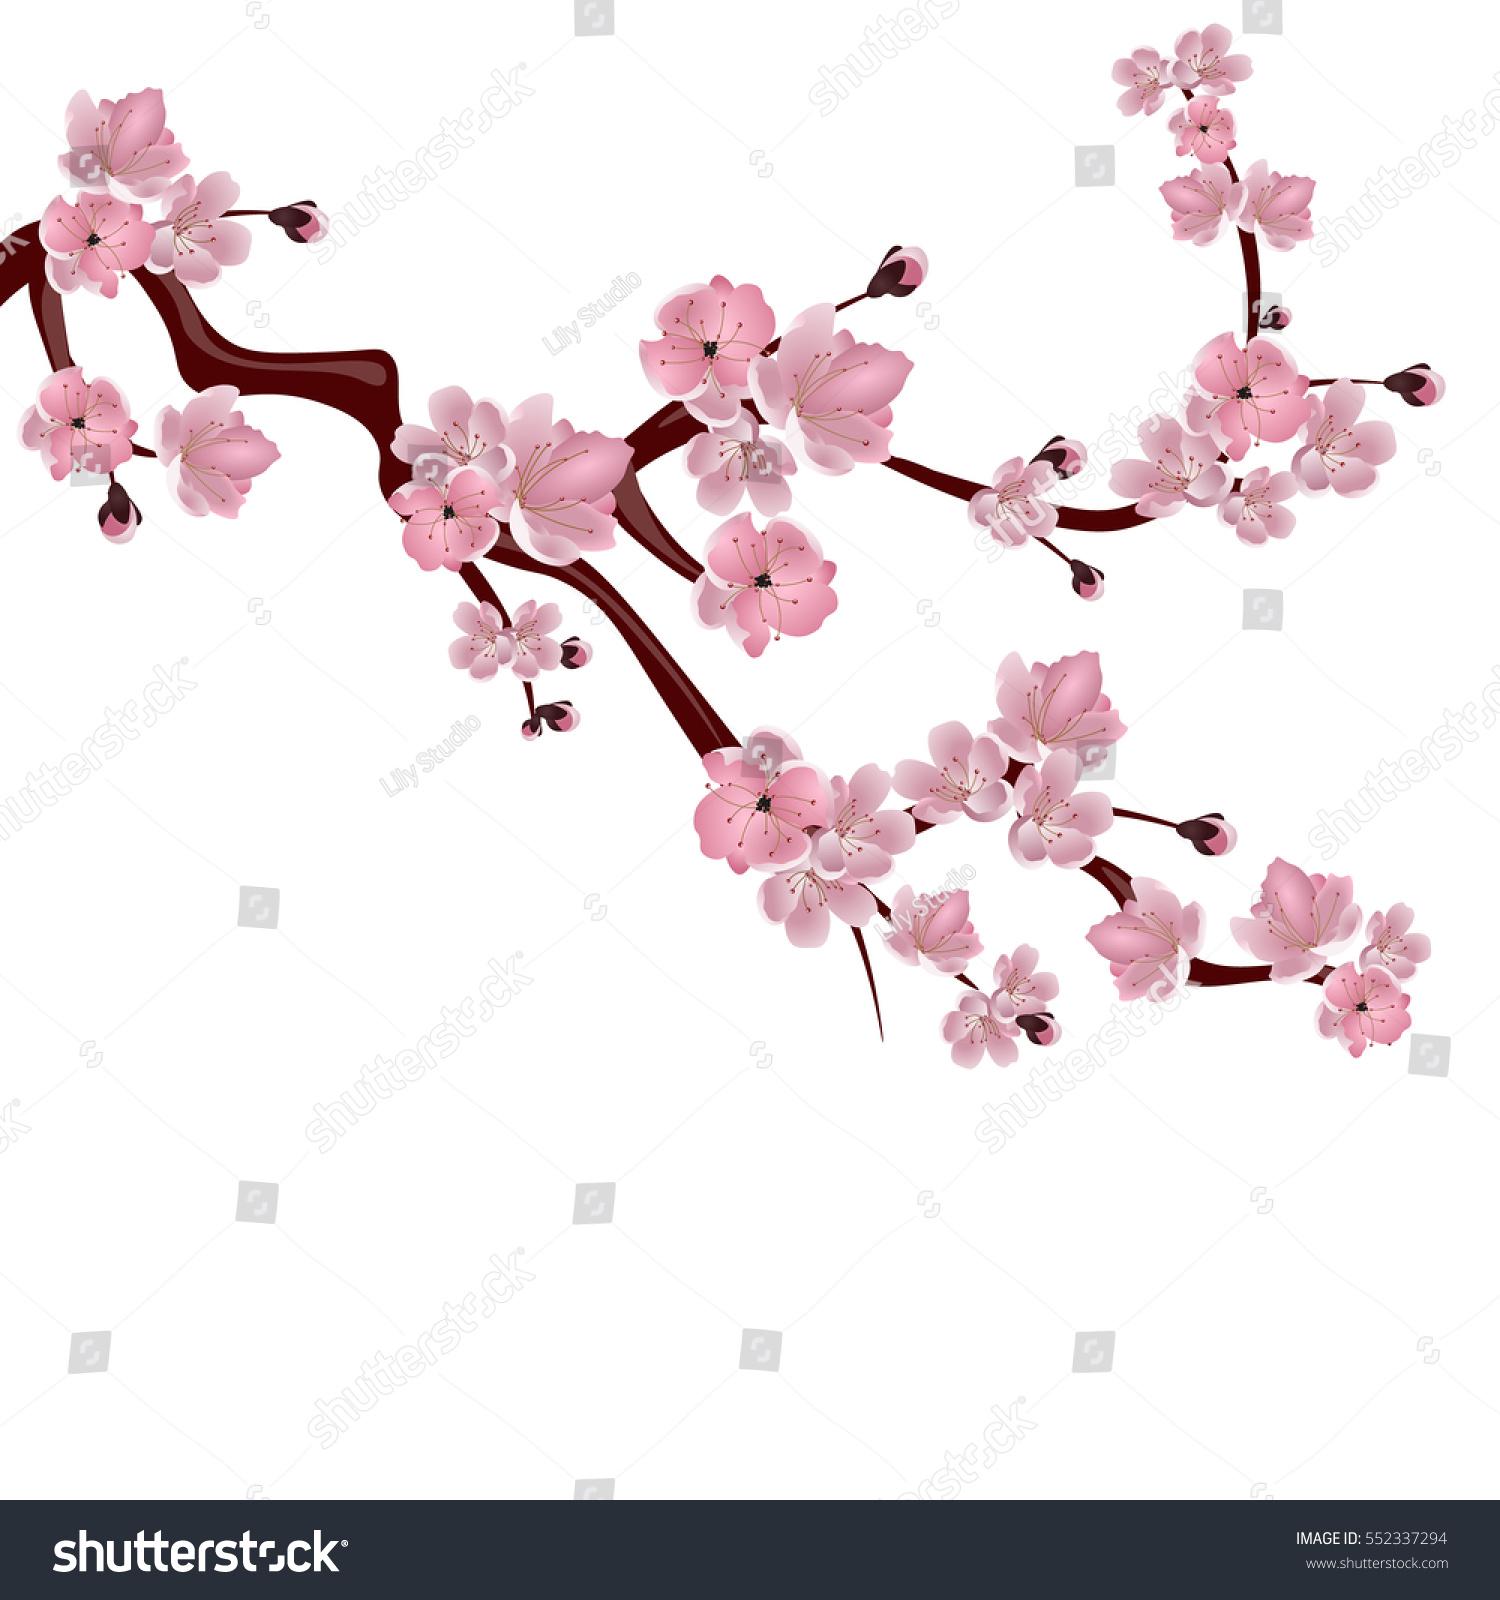 Arbol De Cerezo Japones ilustración de stock sobre Árbol de cereza japonés. una rama